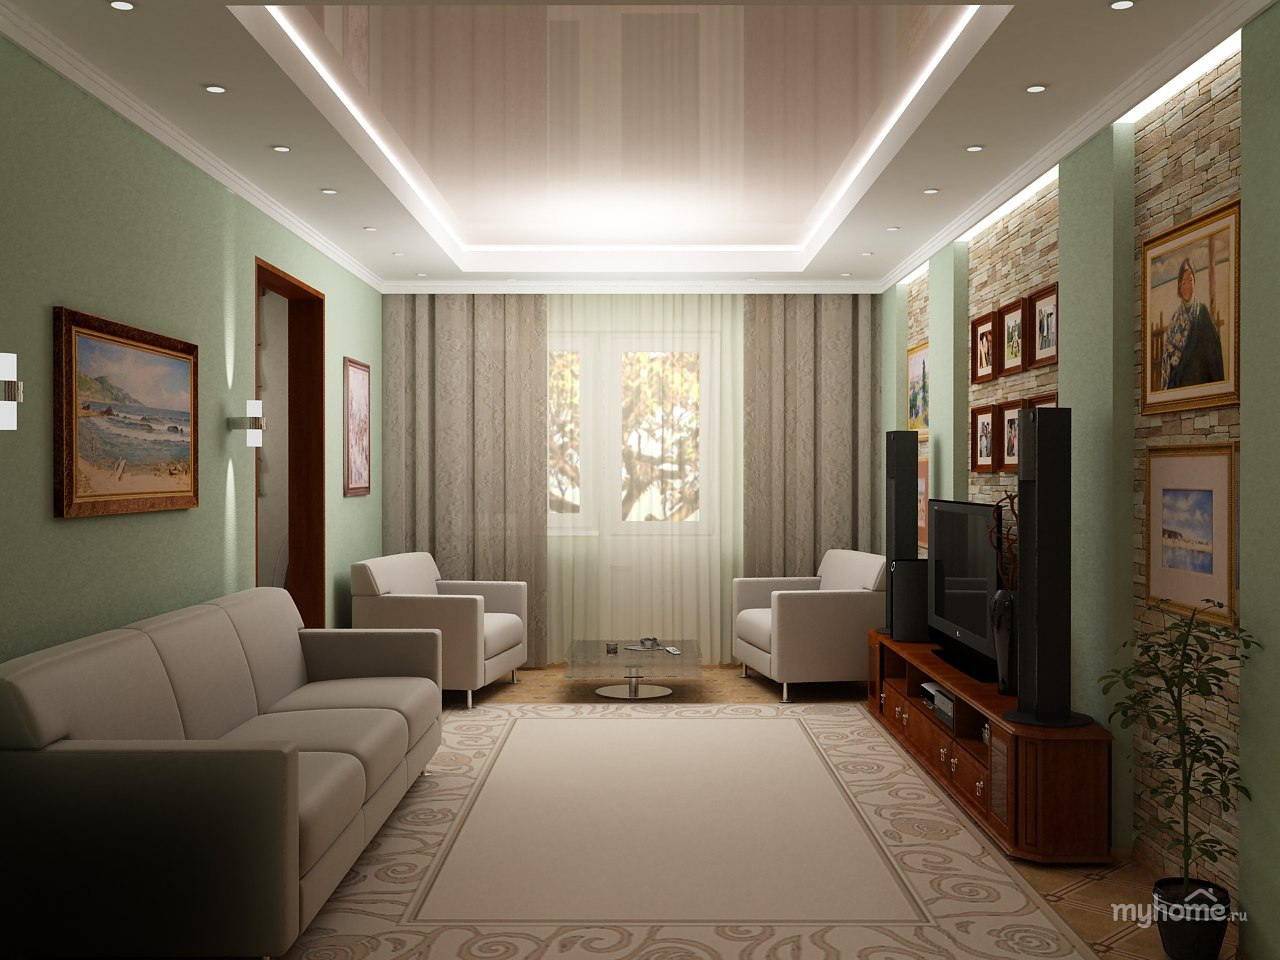 Гостиная комната в хрущевке дизайн фото kakoiremont.ru.